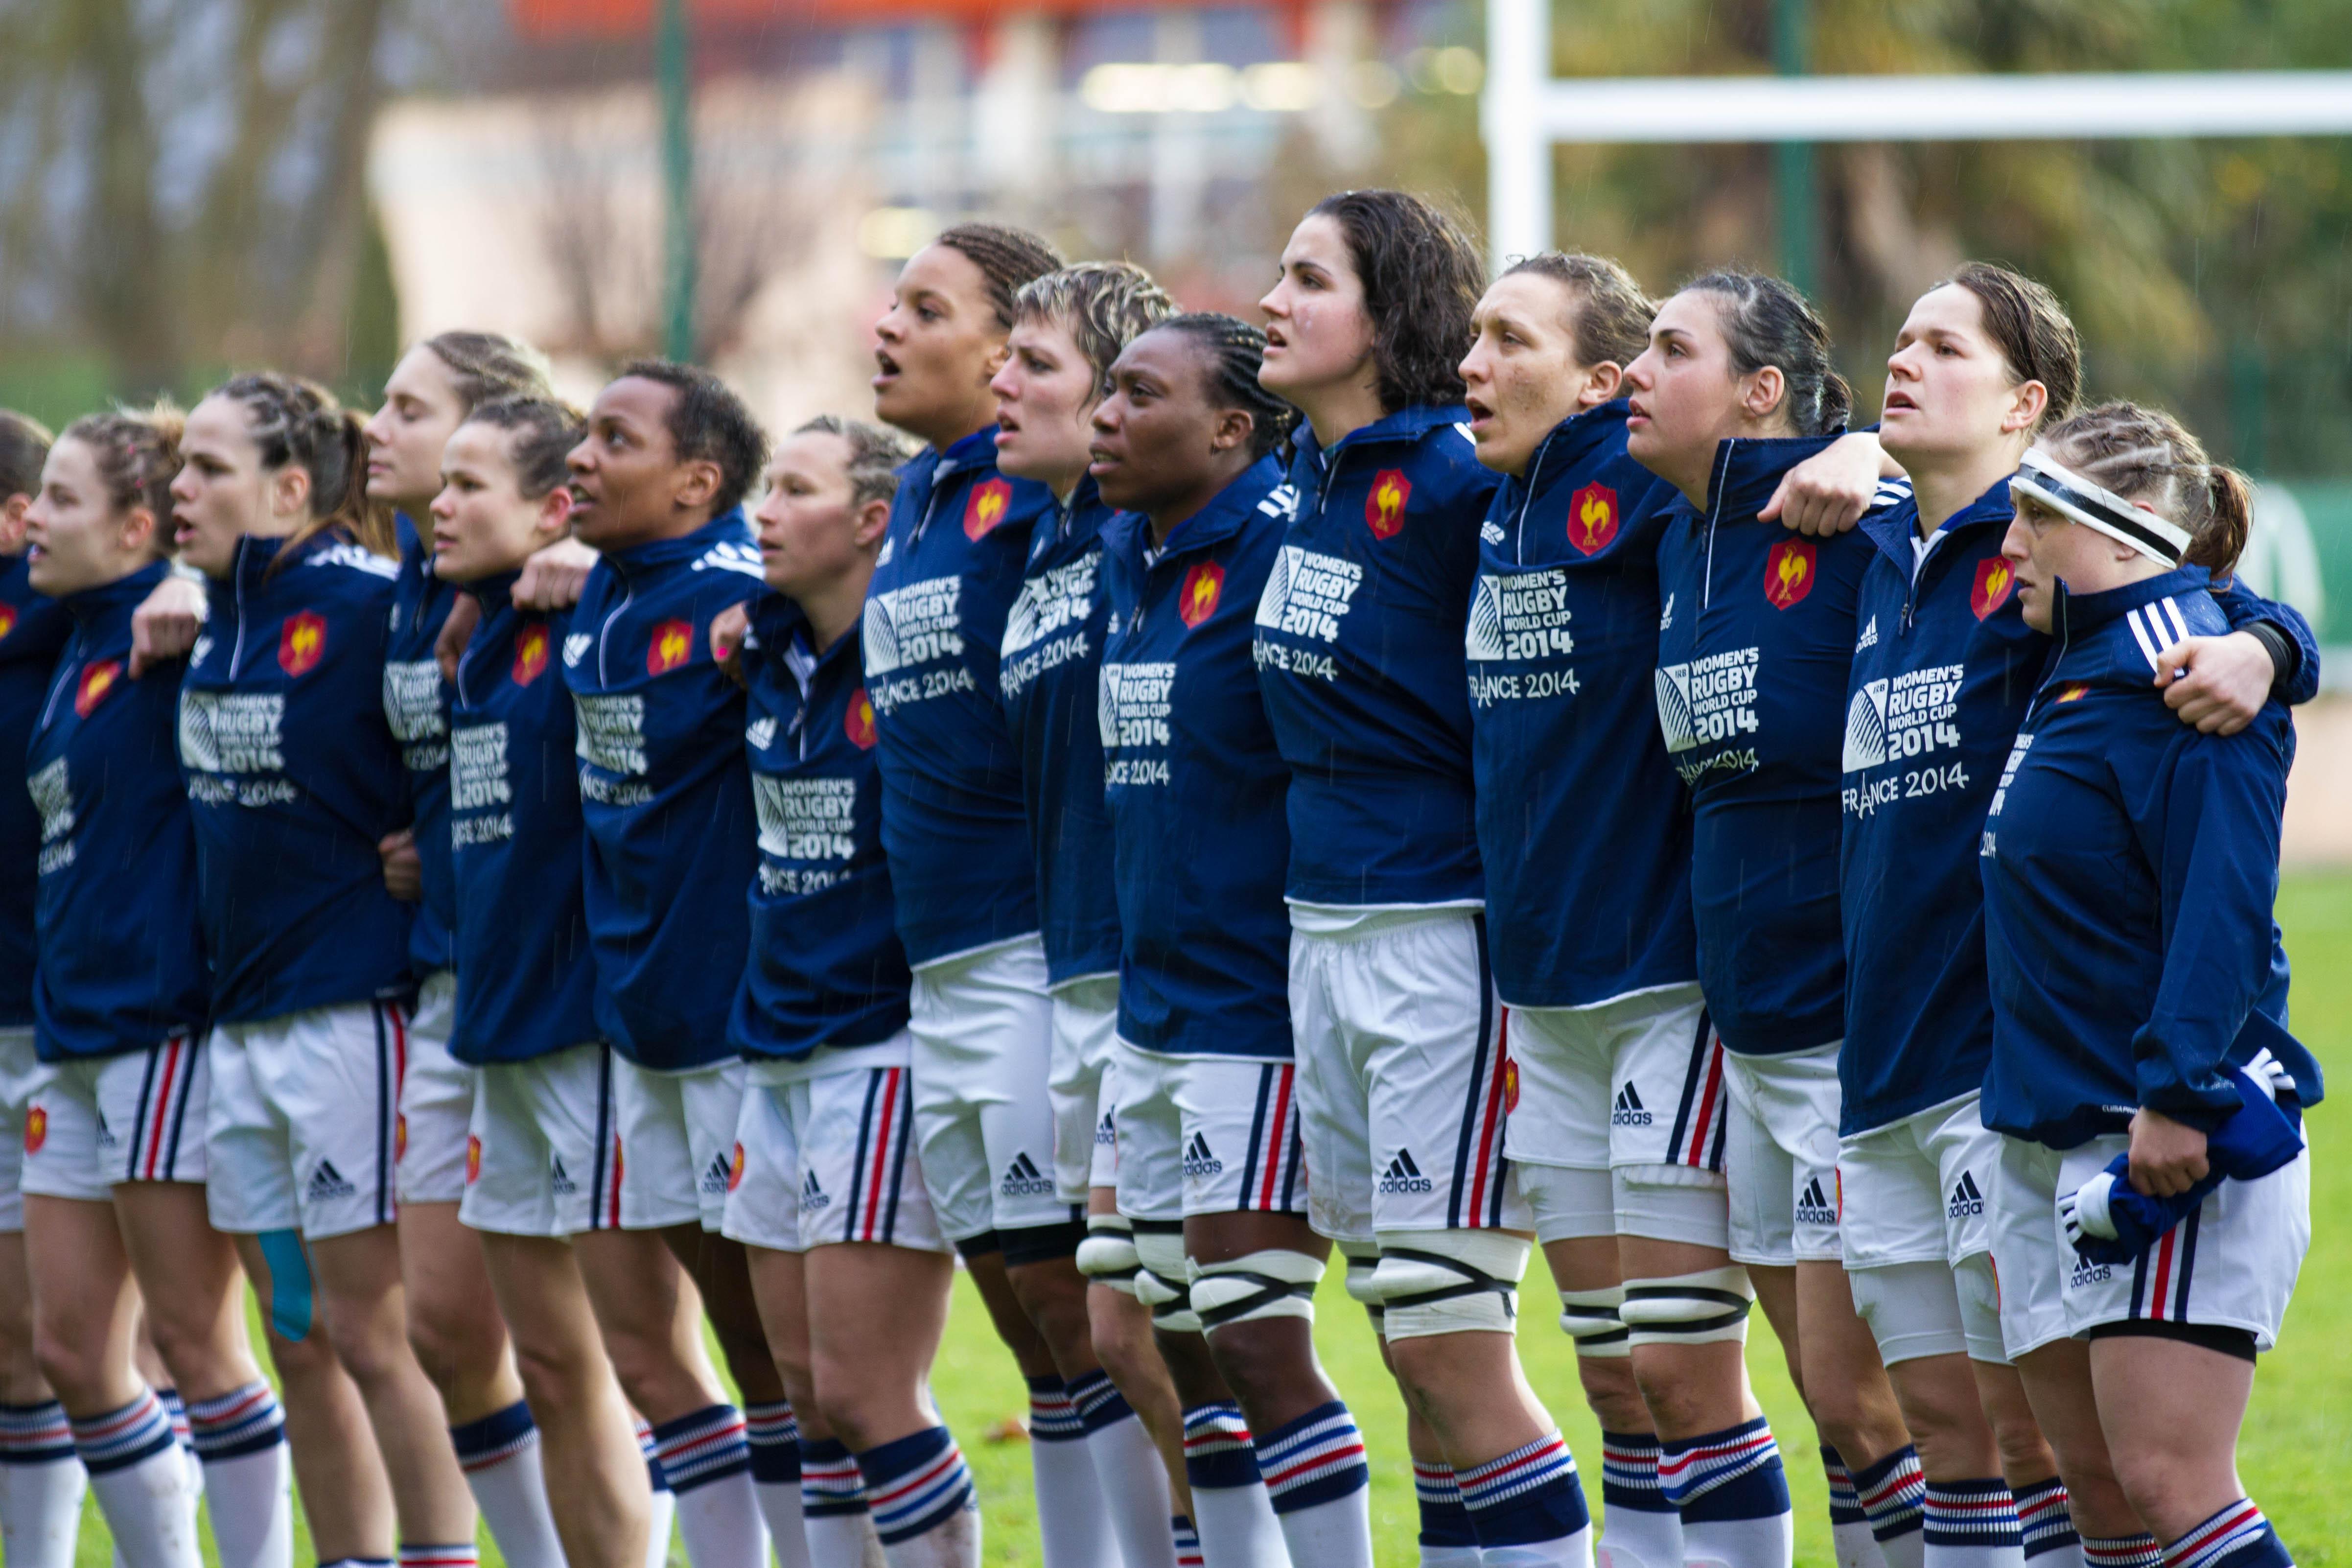 Coupe du monde de rugby oui elles jouent aussi barbi e turix - Coupe des 6 nations 2015 ...